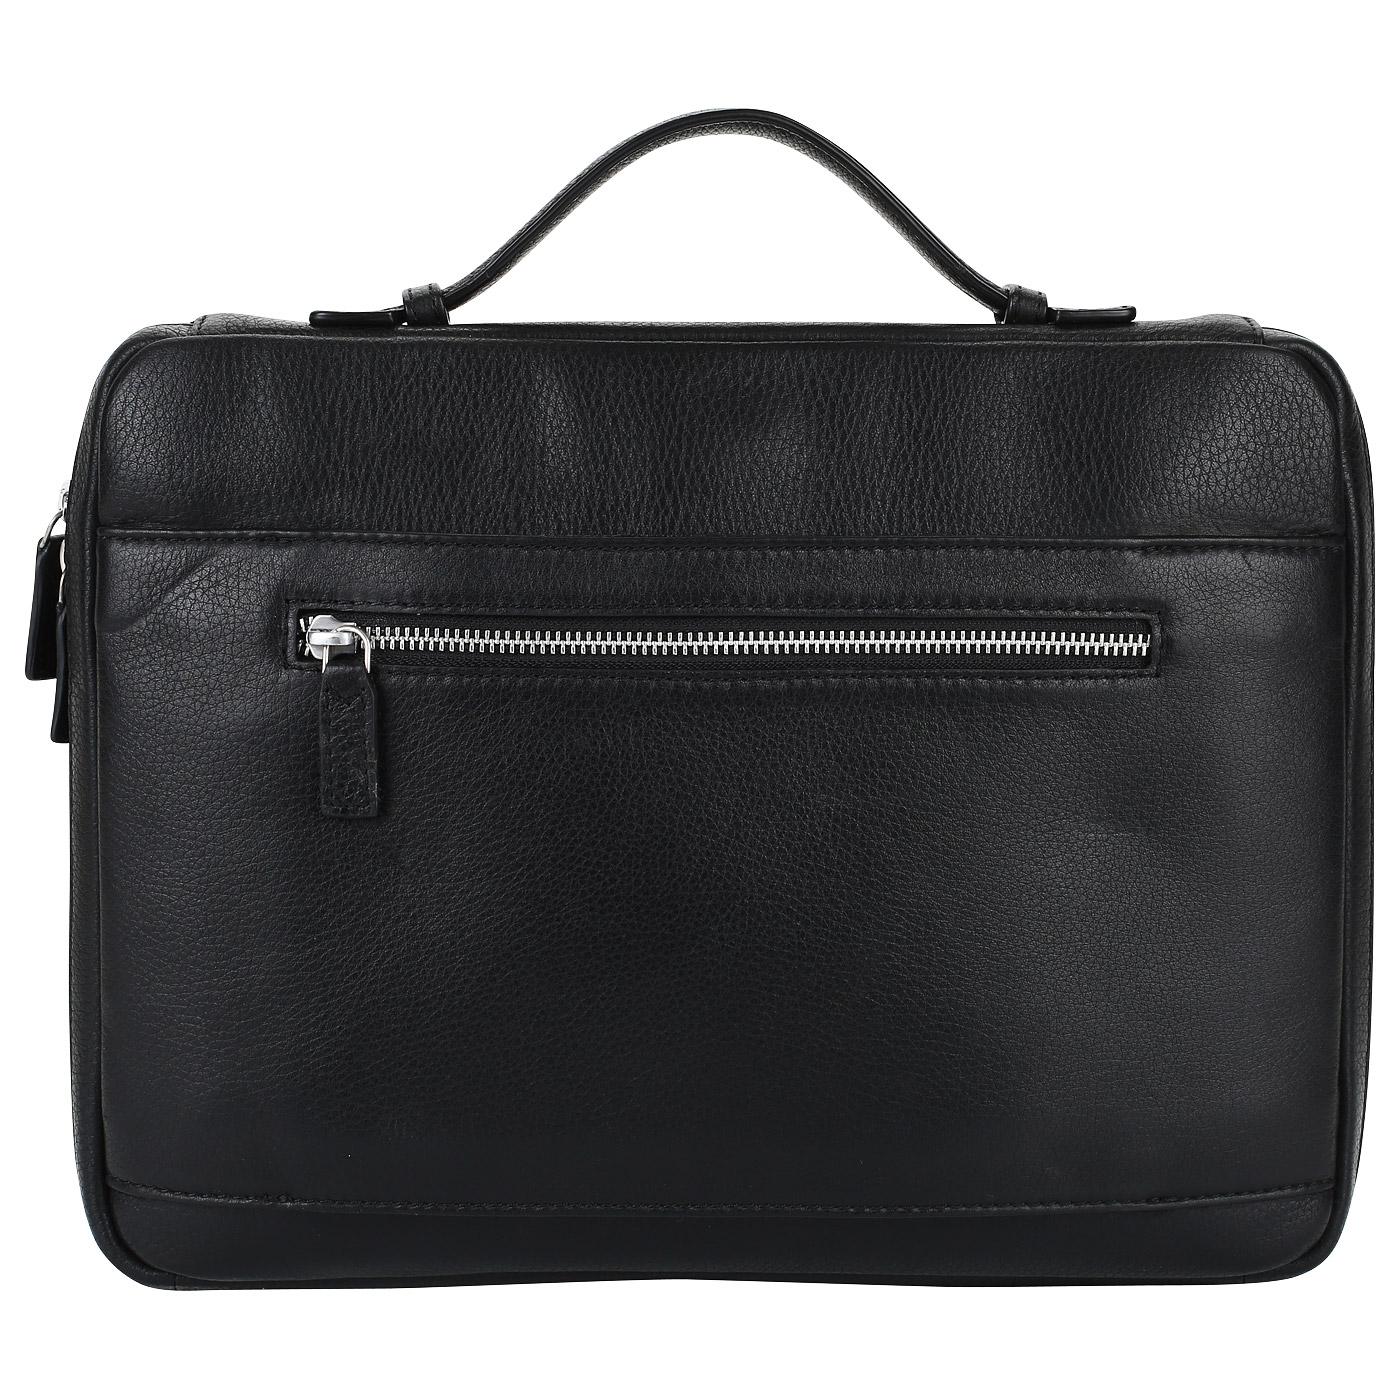 41b3a163099c ... Мужская деловая сумка на молнии Cerruti 1881 Cerrutis ...